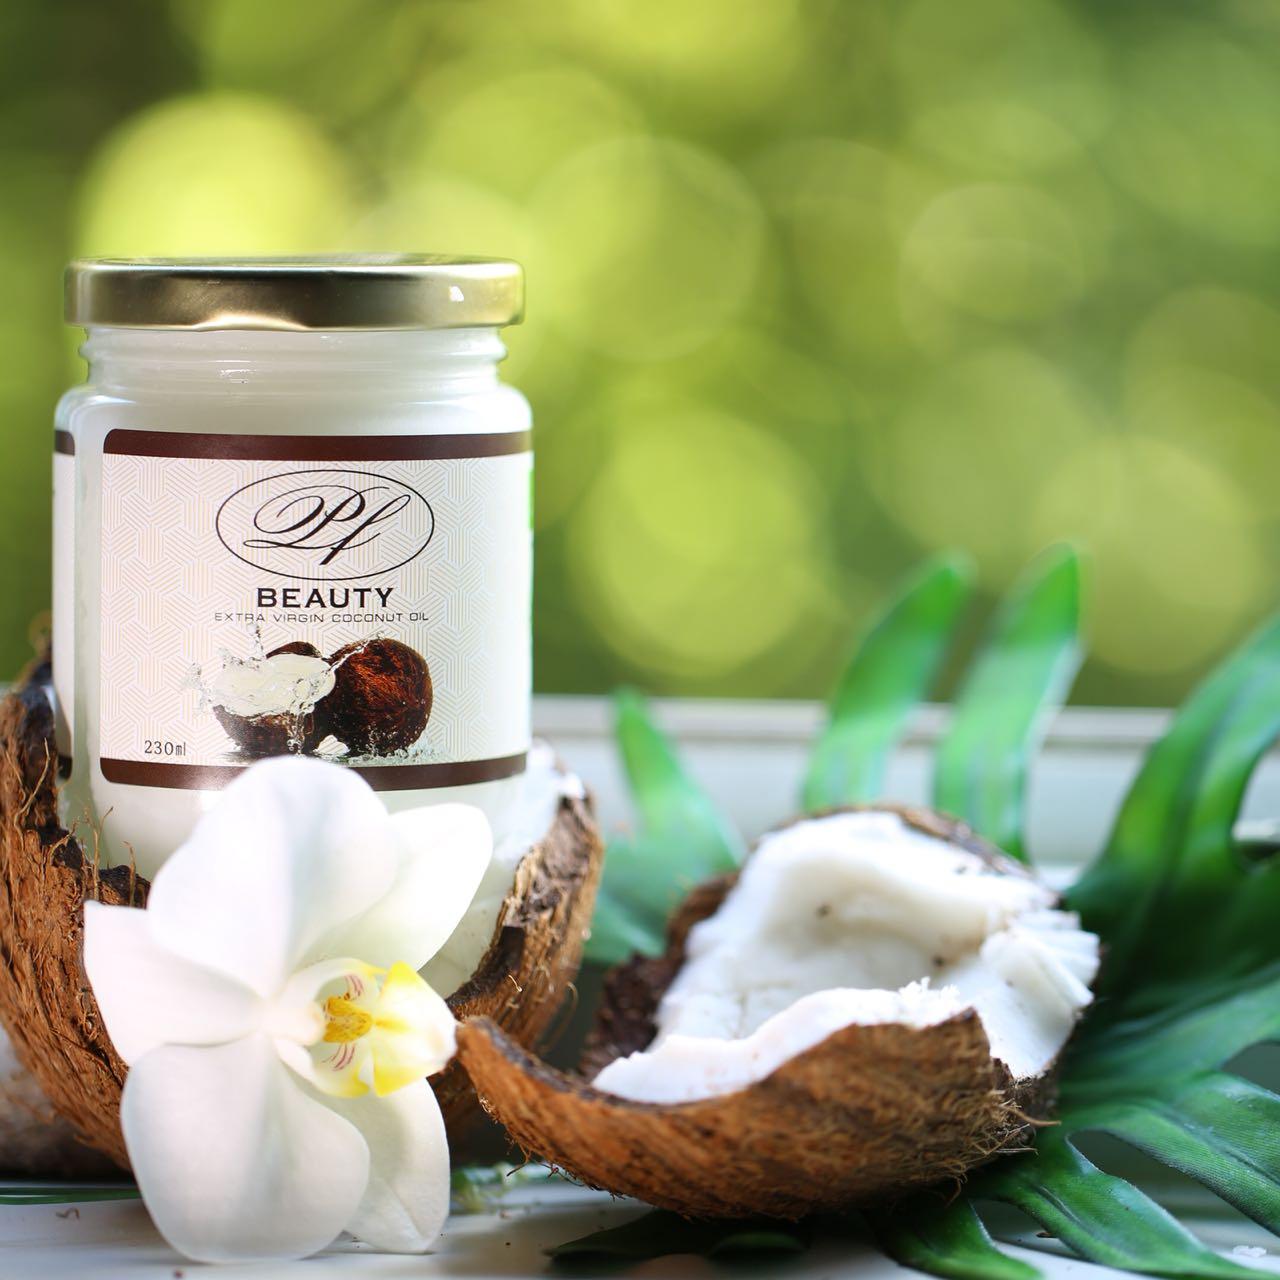 кокосовое масло EXTRA VIRGIN нерафинированное крем баттер для лица и тела twin lotus extra premium virgin coconut